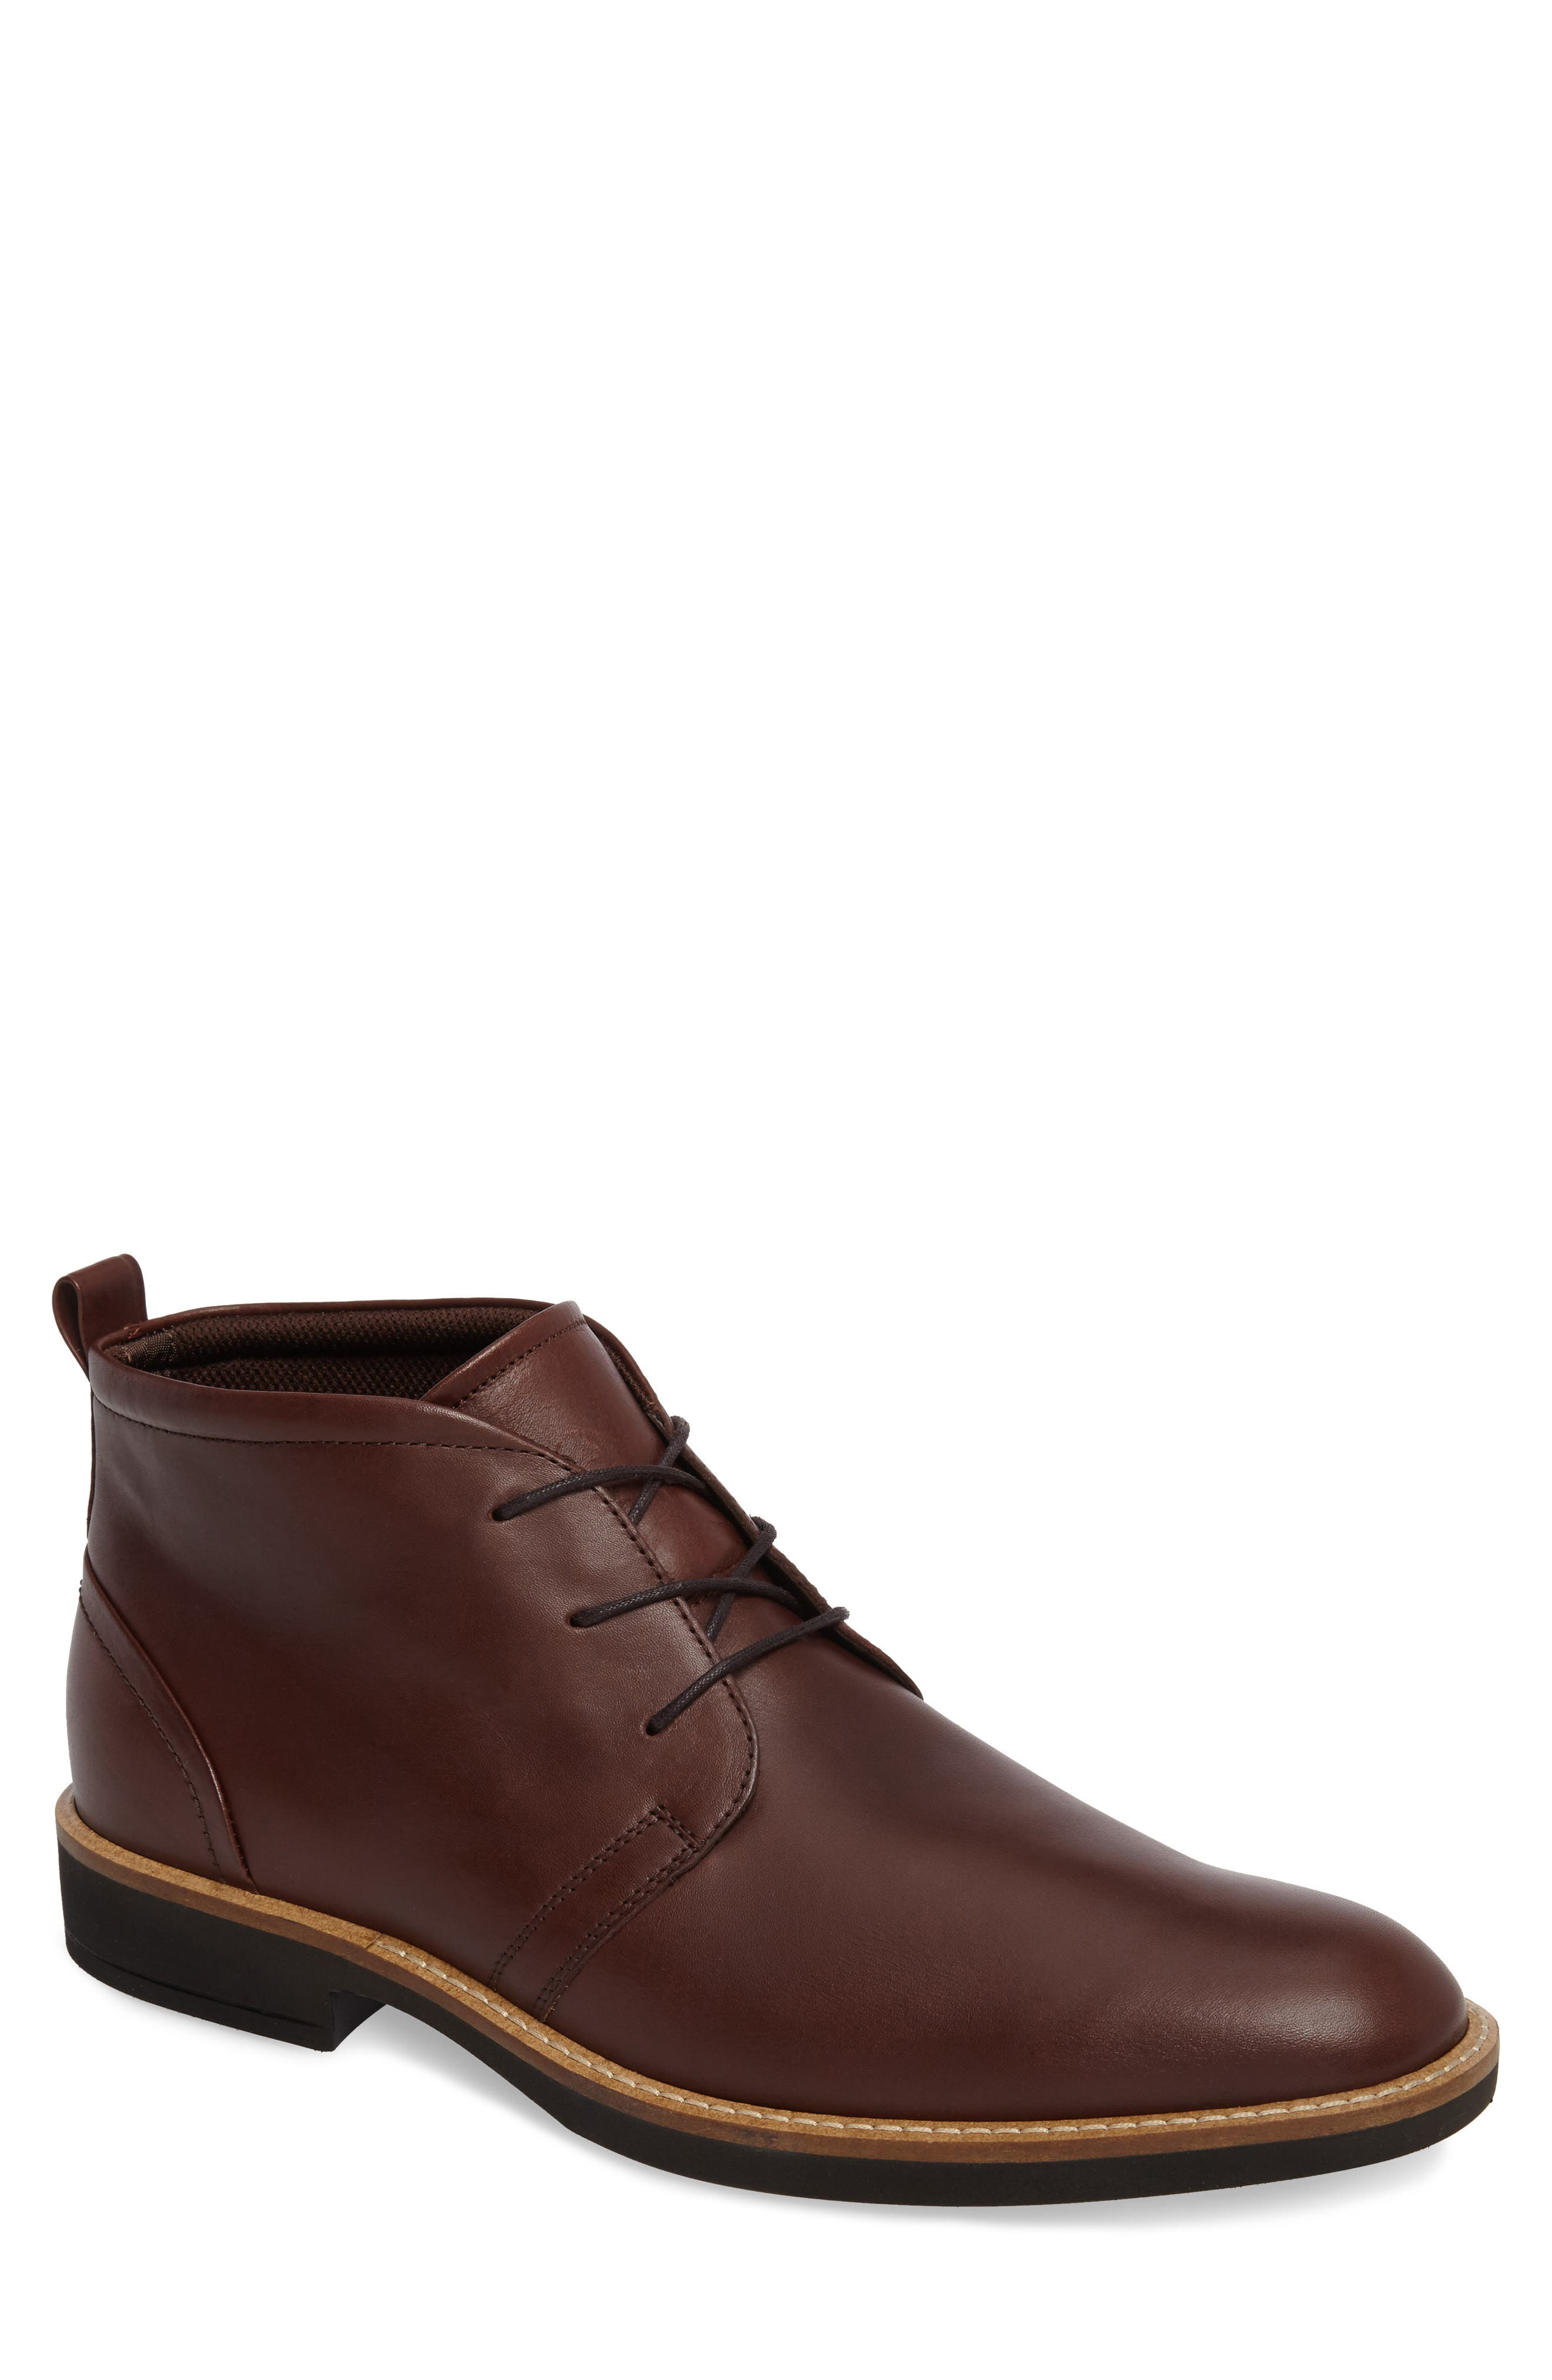 ECCO Biarritz Chukka Boot (Men)